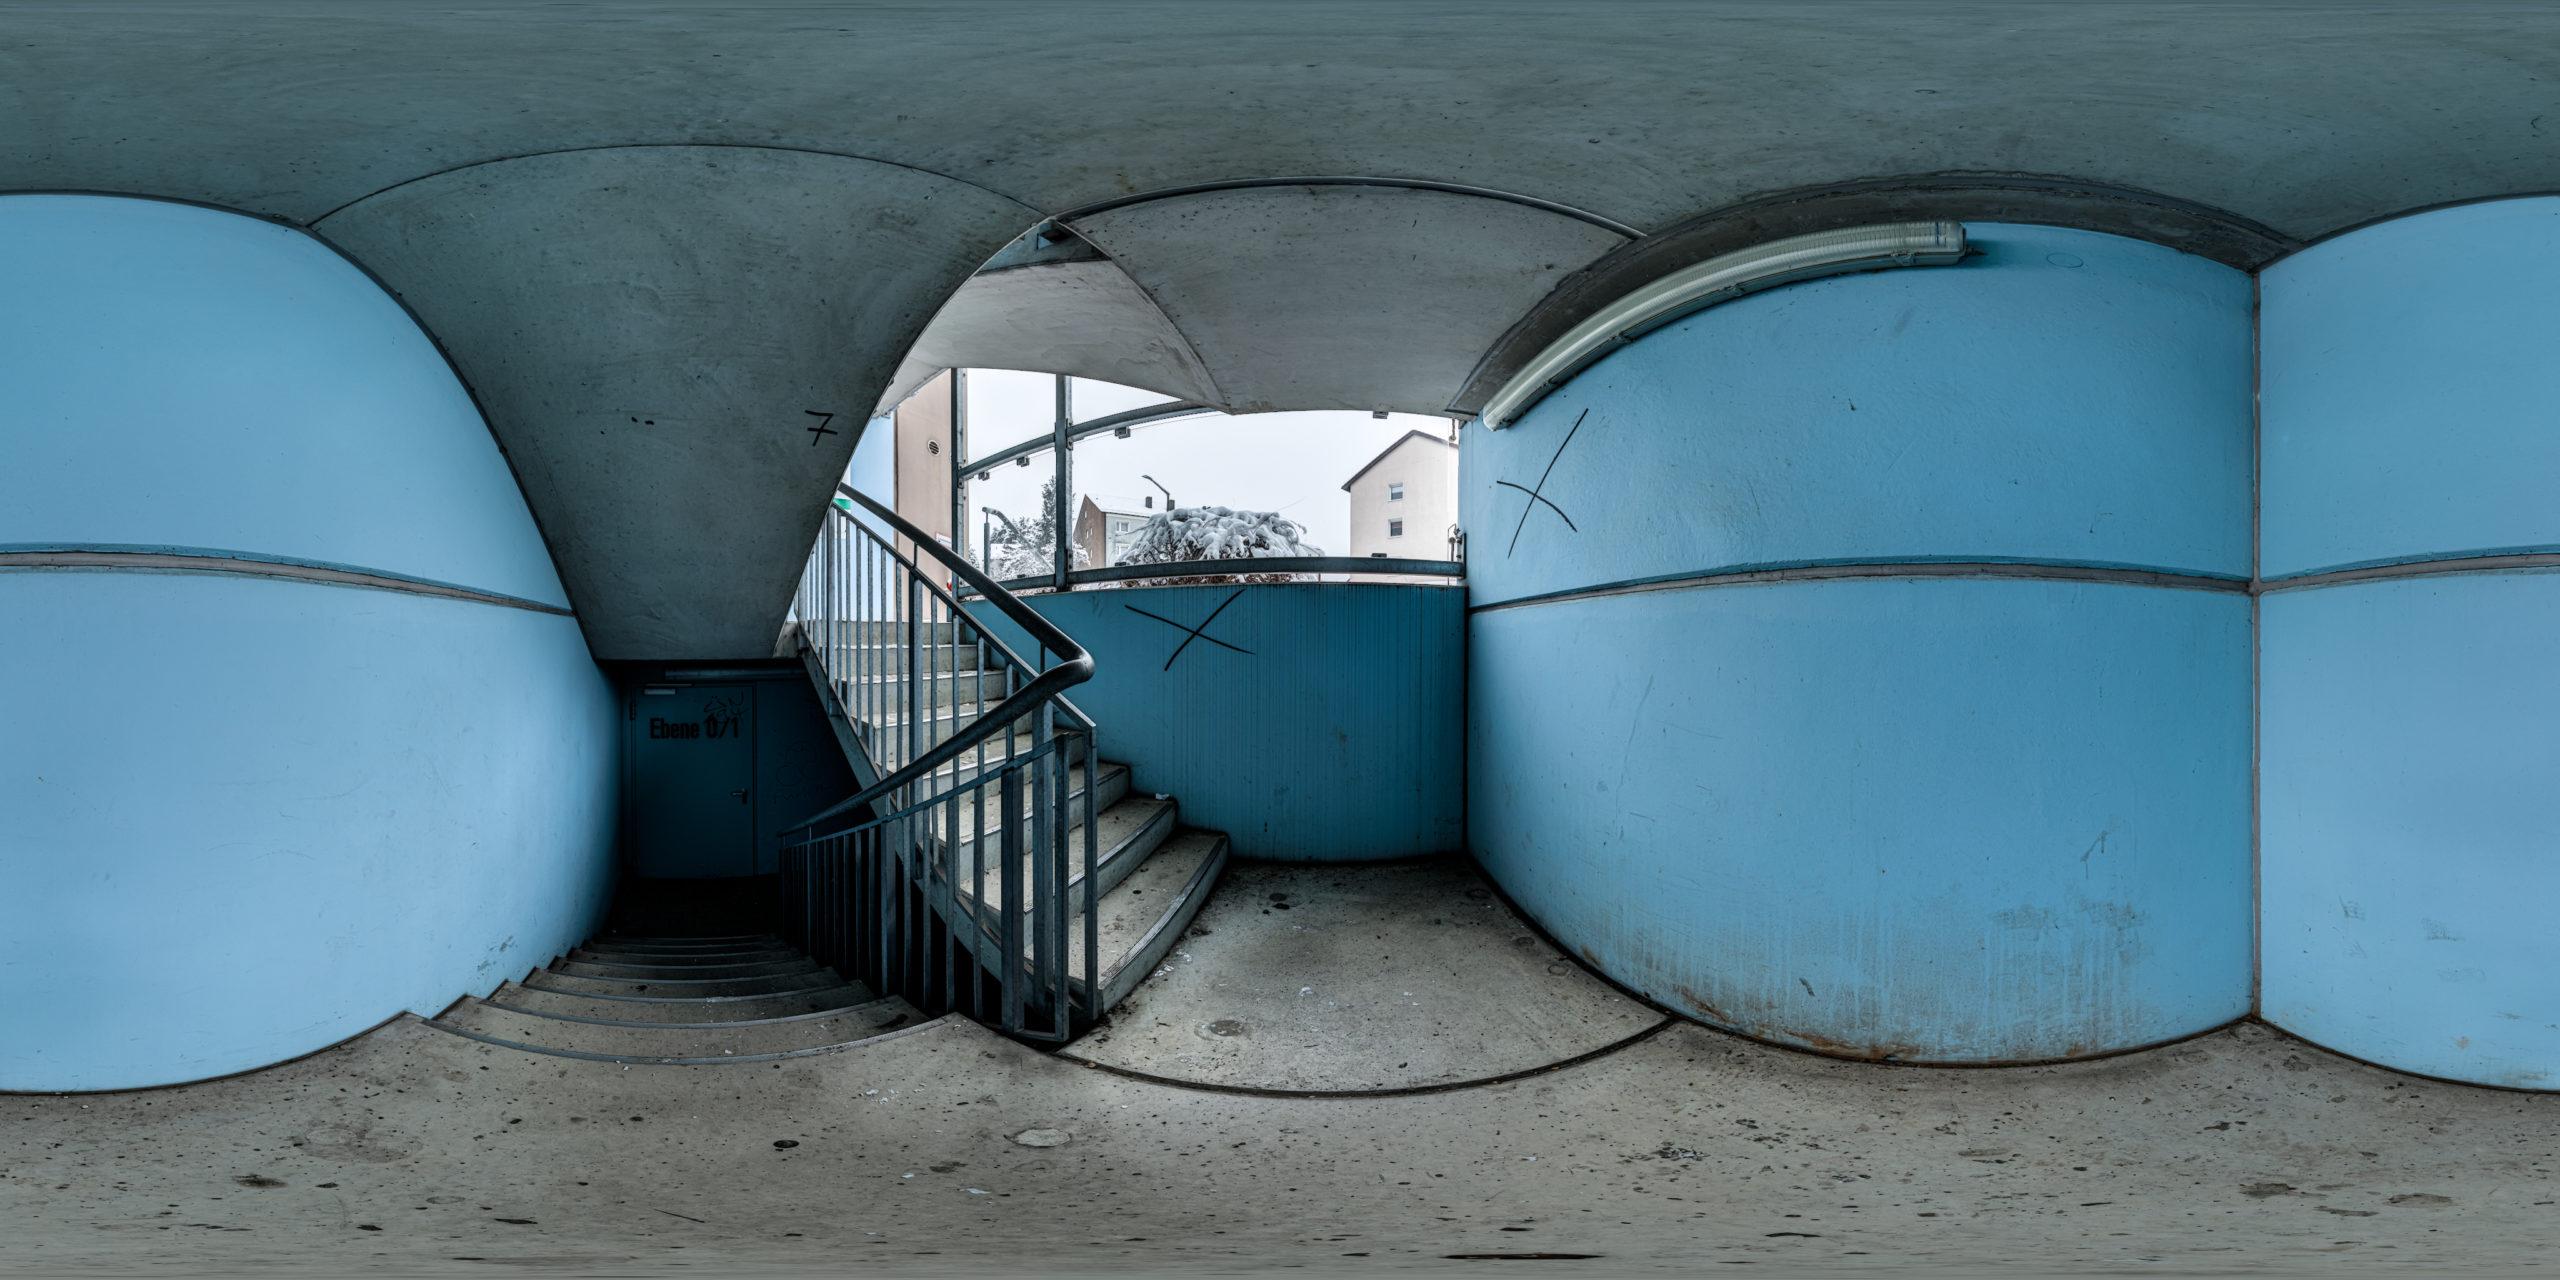 HDRI-Skies-Parking-Garage-Fürther-Mare-Stairwell-Fürth